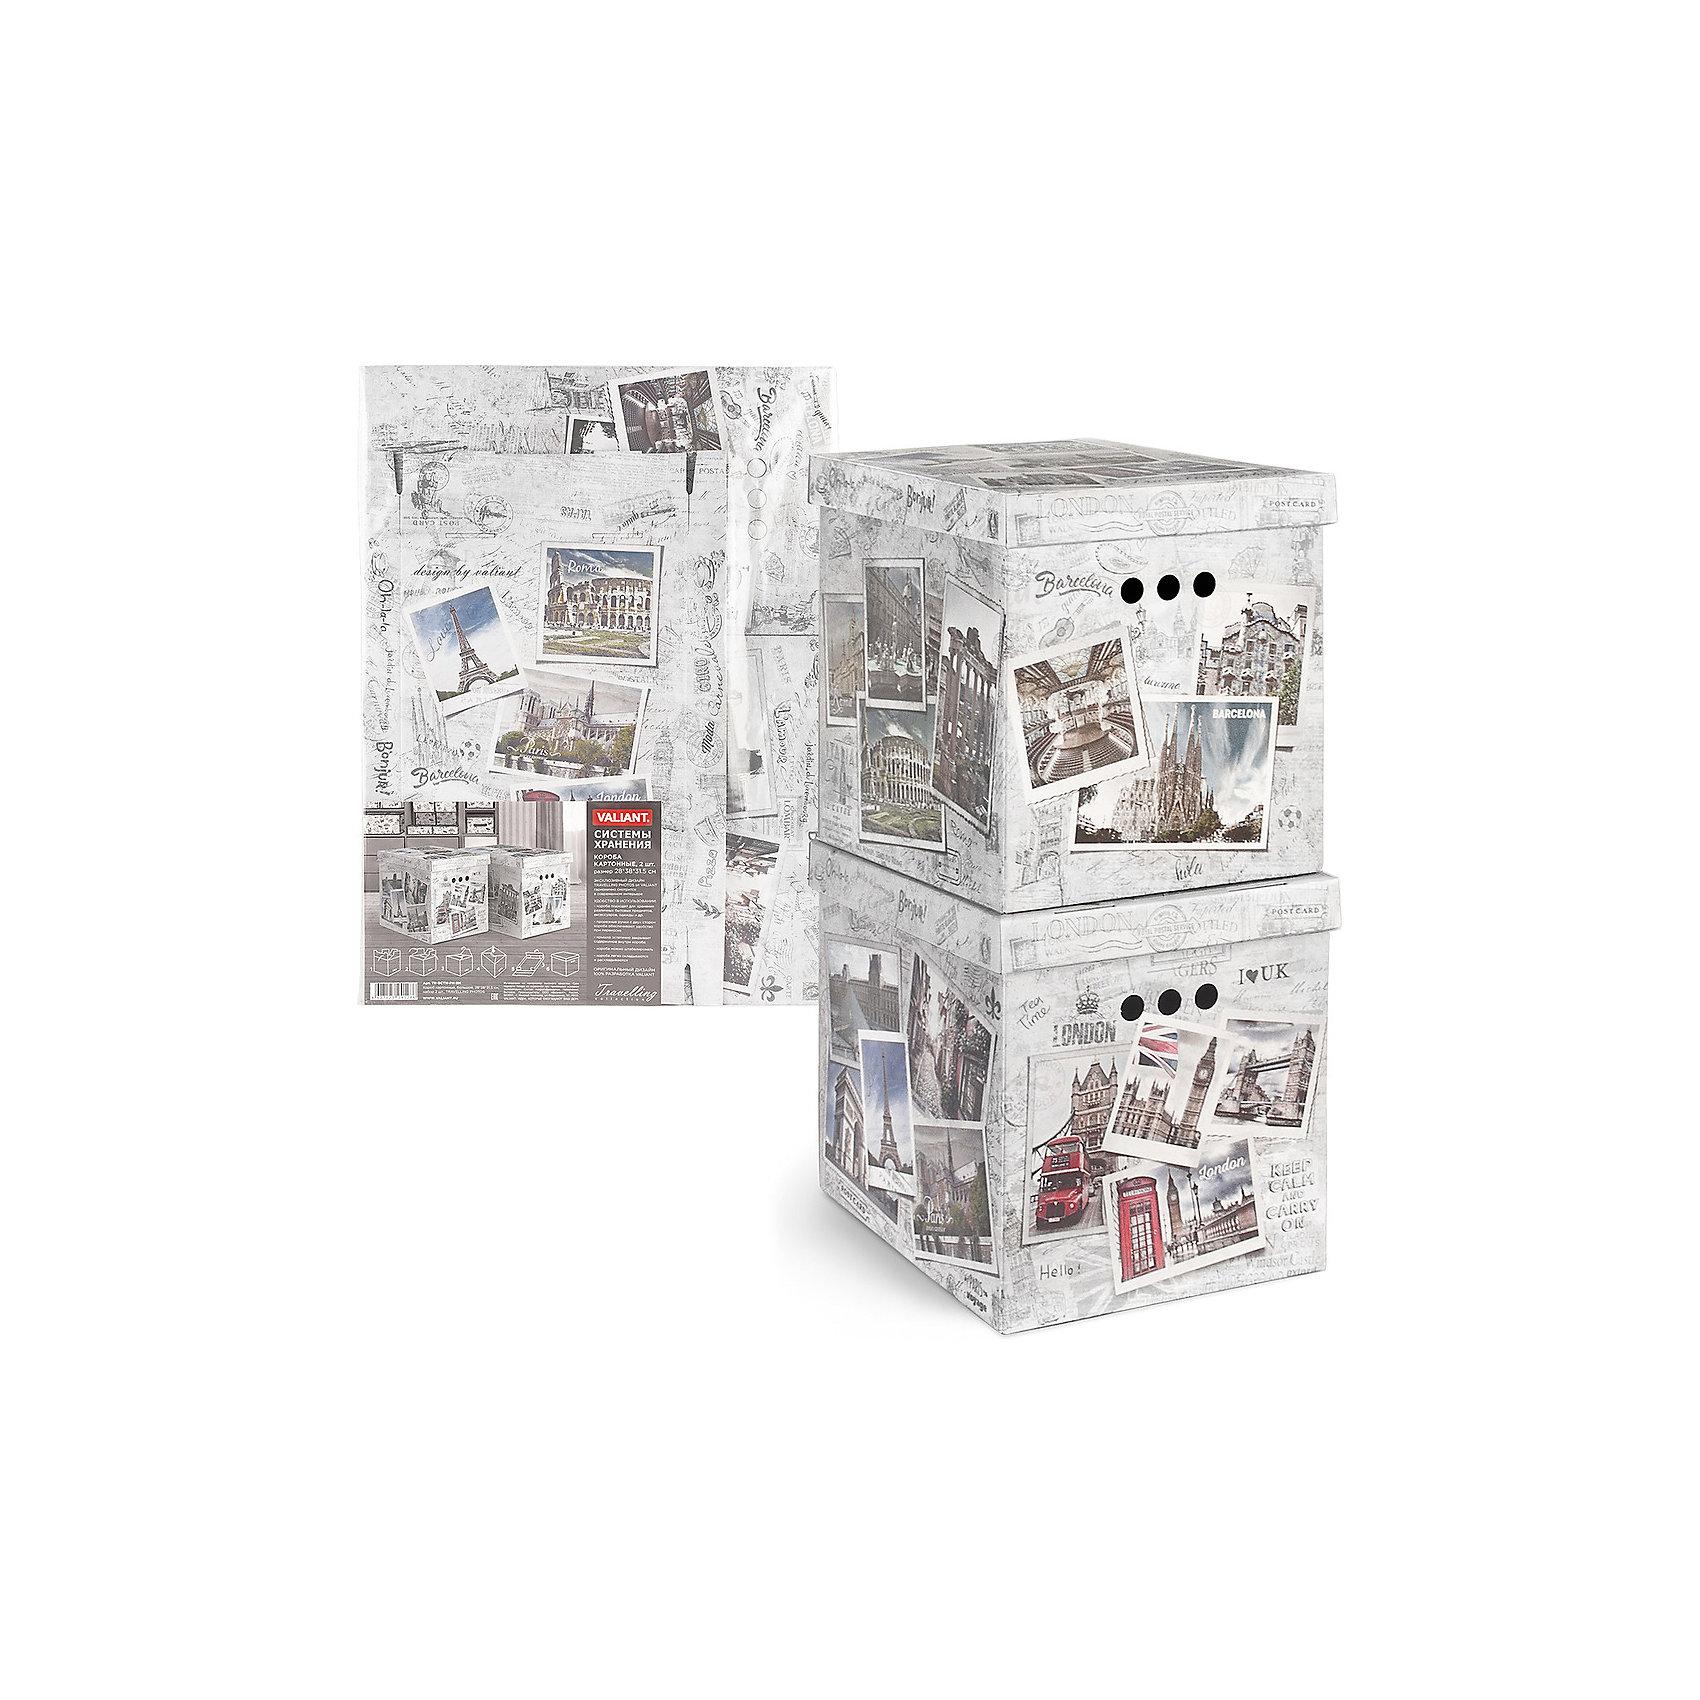 Короб для хранения TRAVELLING PHOTOS, 28*38*31.5 см, 2 шт., VALIANTВанная комната<br>Короба подходят для хранения различных бытовых предметов, аксессуаров, одежды и пр.Прорезные ручки с двух сторон короба обеспечивают удобство при переноске. Специальный внутренний вкладыш эстетично скрывает дно коробки.<br><br>Ширина мм: 690<br>Глубина мм: 20<br>Высота мм: 510<br>Вес г: 600<br>Возраст от месяцев: 36<br>Возраст до месяцев: 216<br>Пол: Унисекс<br>Возраст: Детский<br>SKU: 6868583